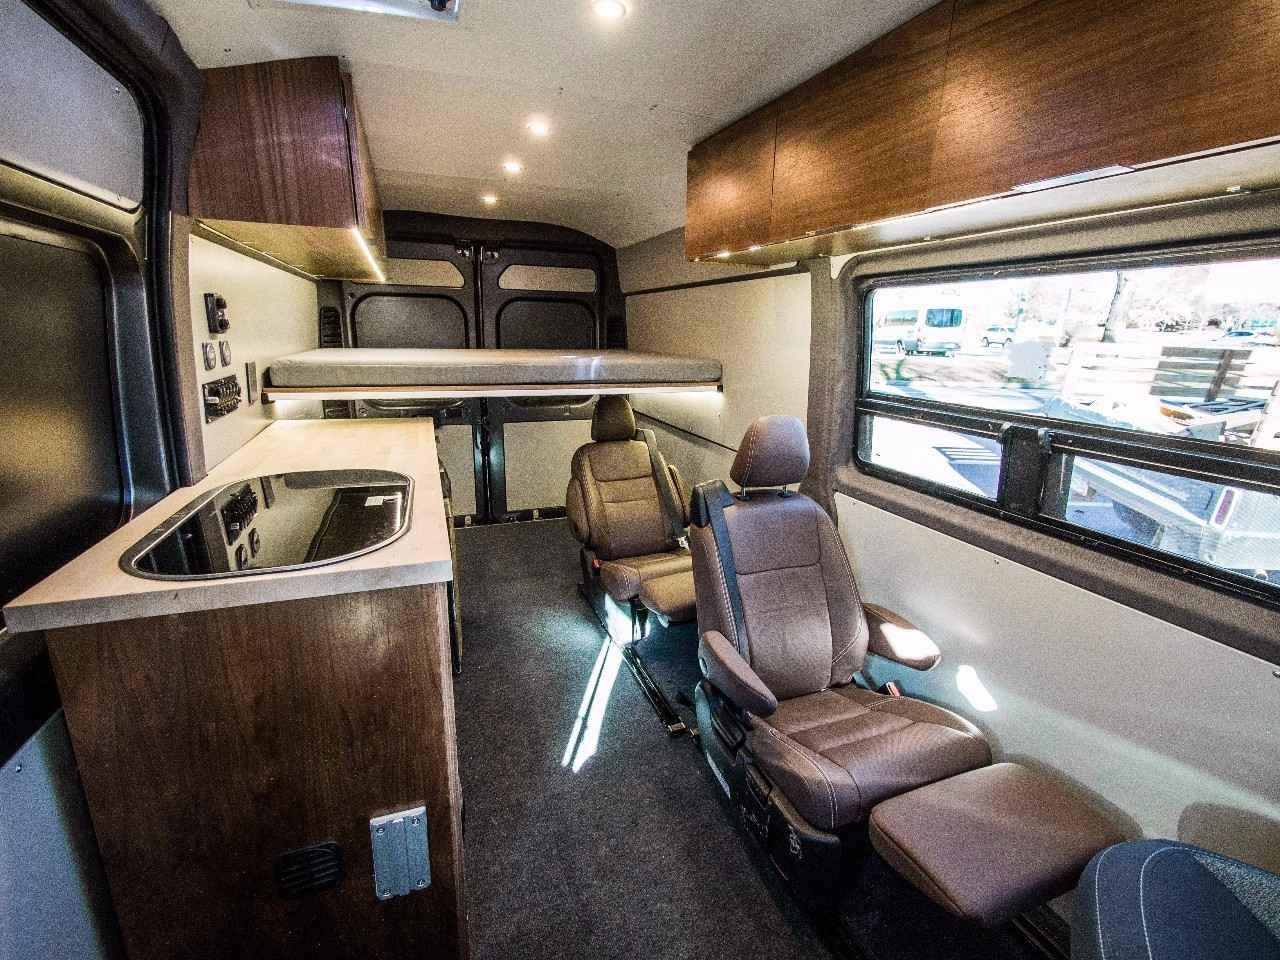 2018 Used Dodge Ram Promaster Truck Camper Class B In